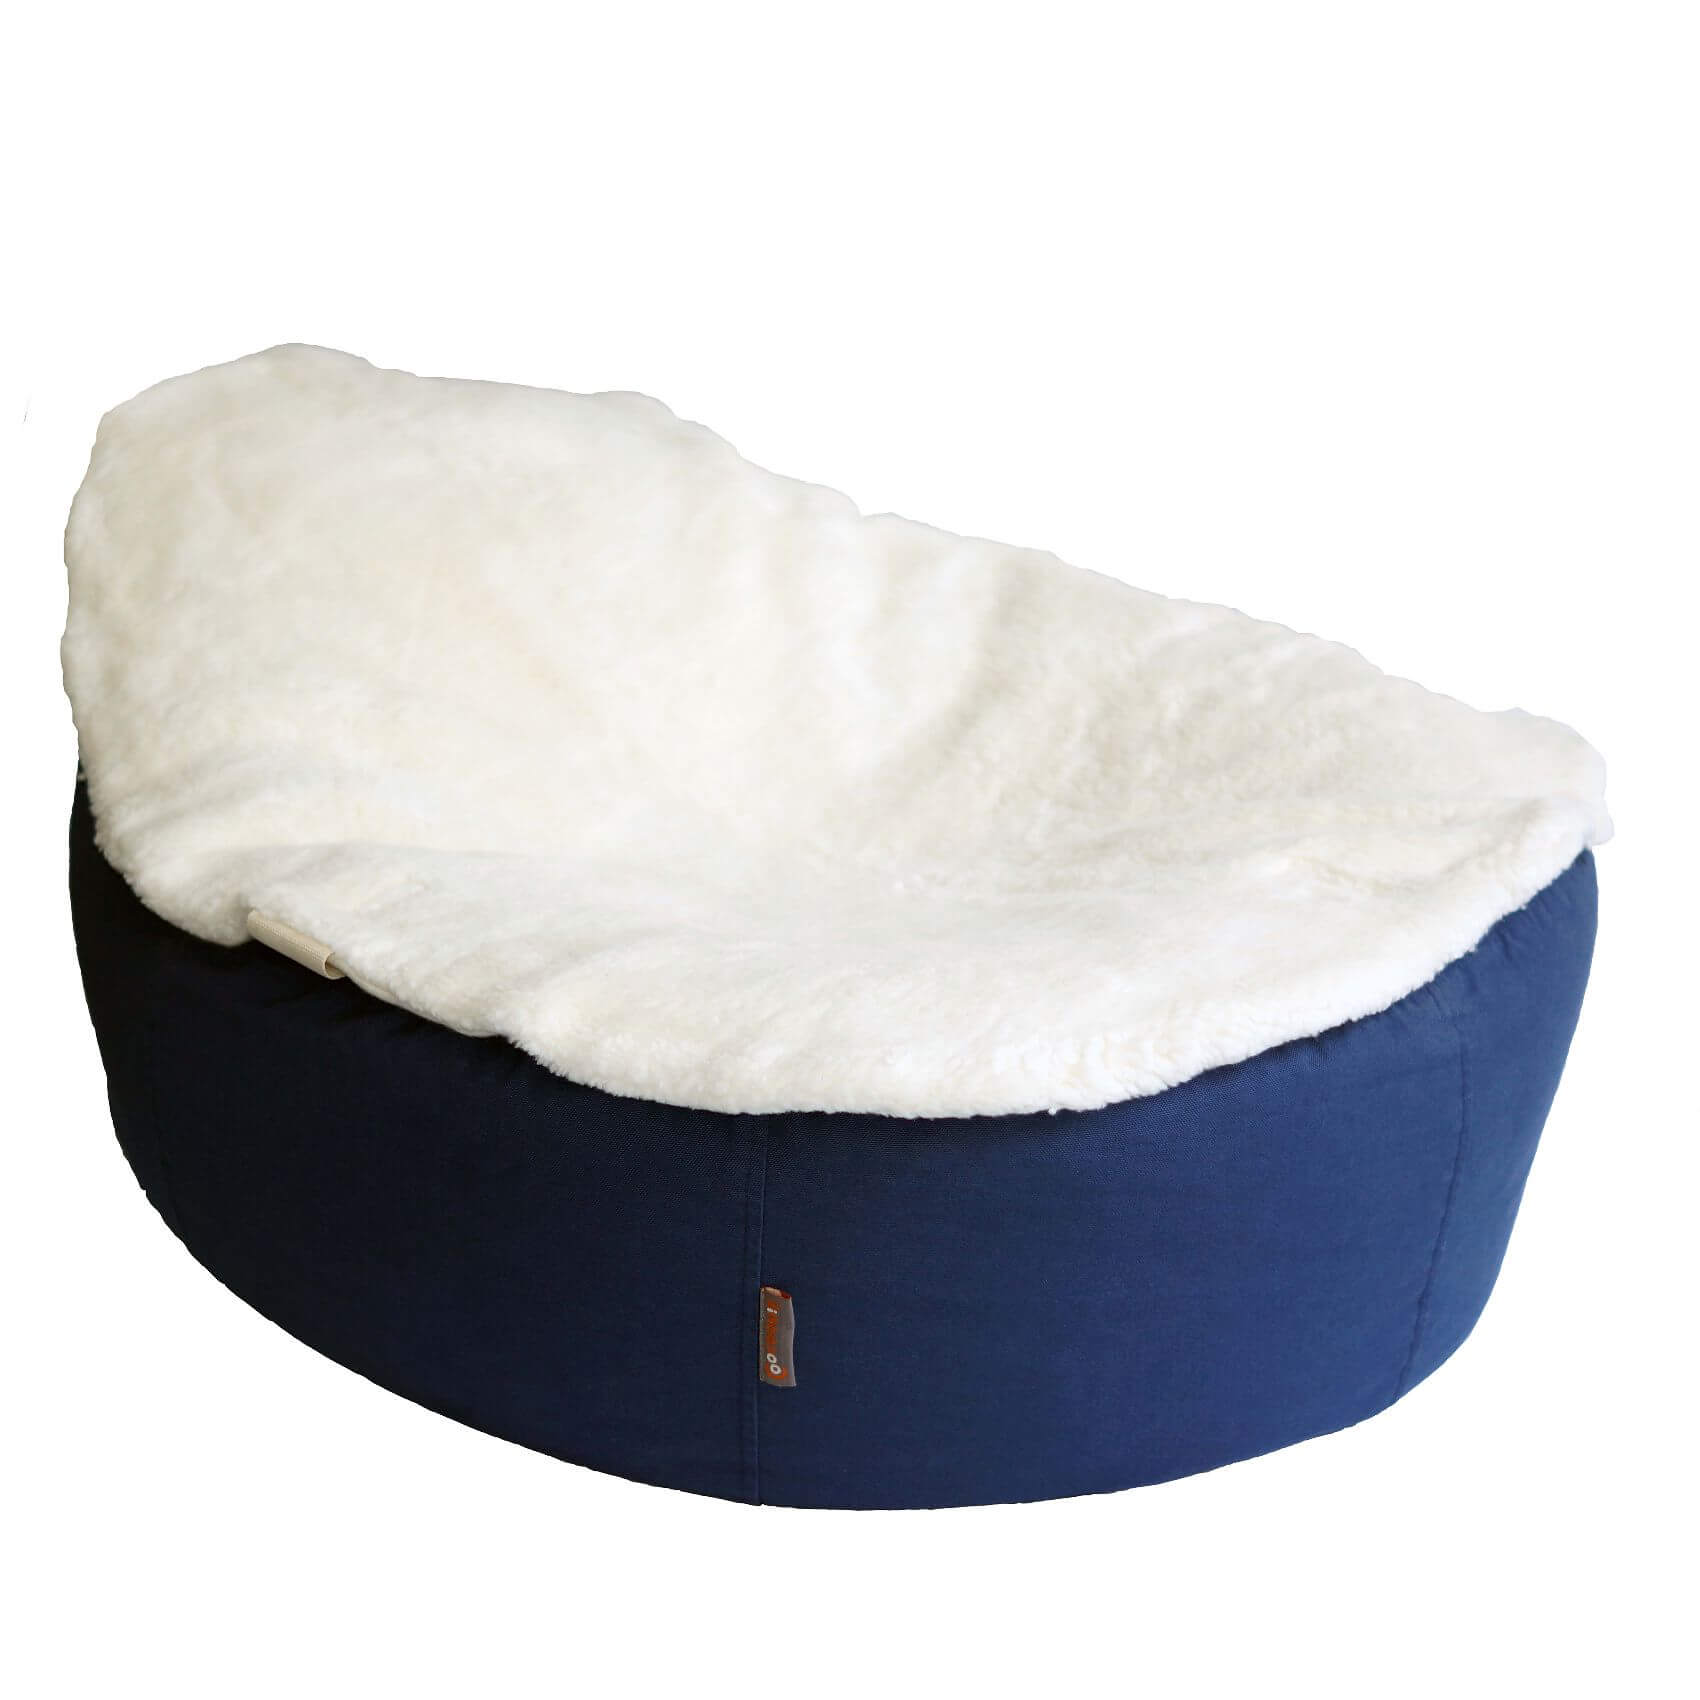 rutschfeste hundedecke waschbar bio baumwolle gr ne pfote. Black Bedroom Furniture Sets. Home Design Ideas